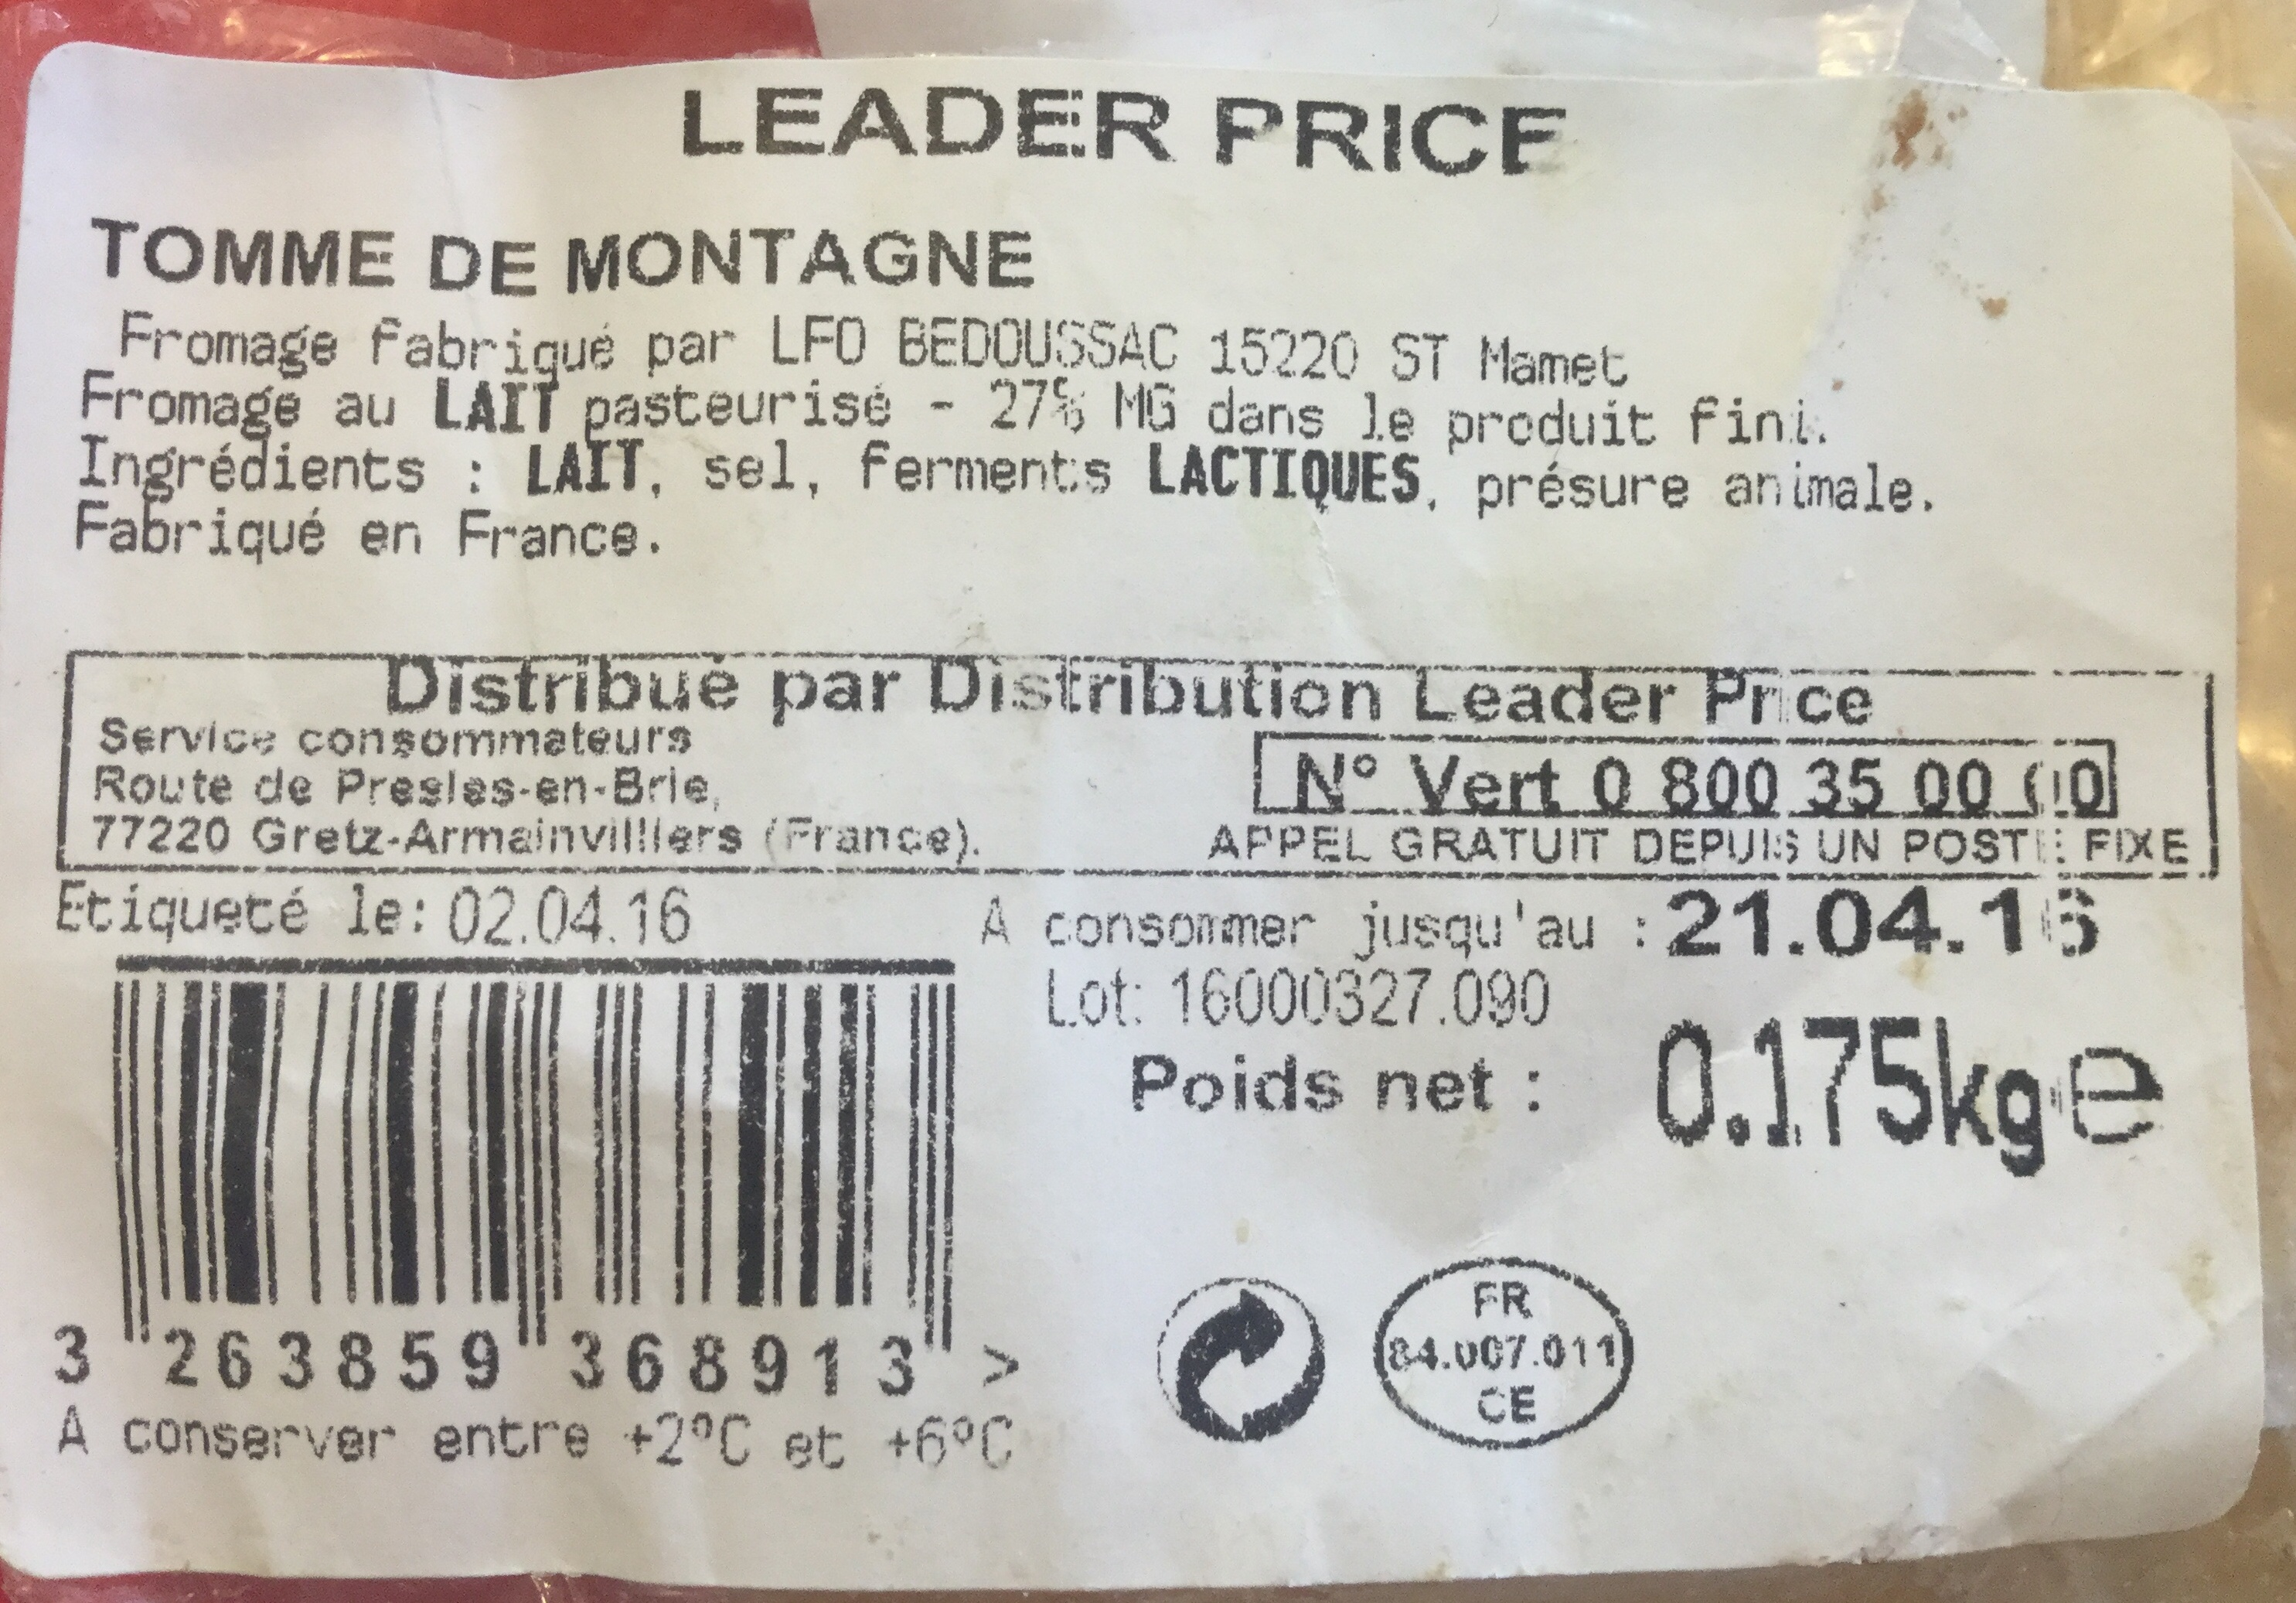 Tomme de Montagne - Produit - fr